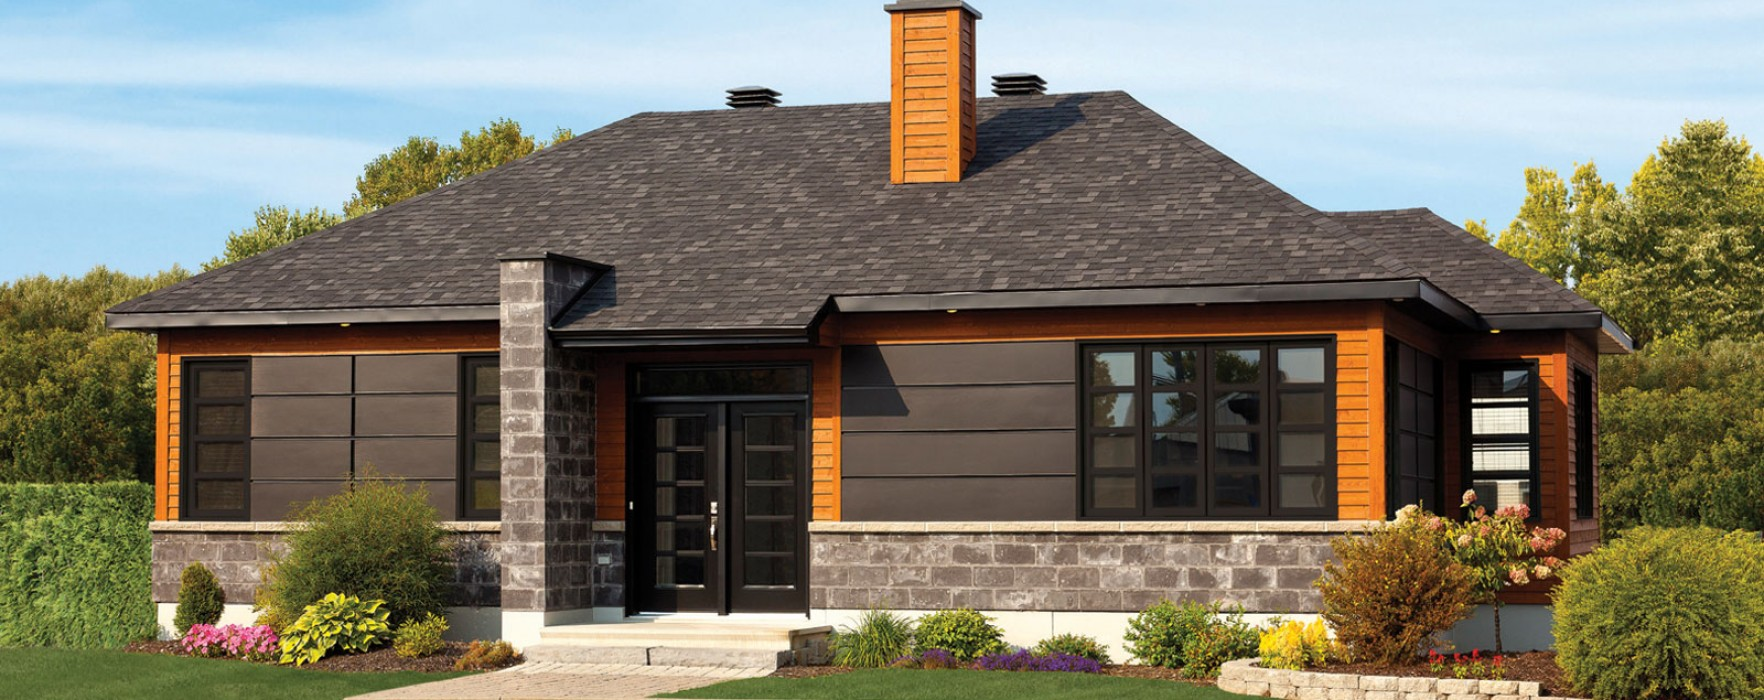 Banche e case prefabbricate for Costare la costruzione di una casa contro l acquisto